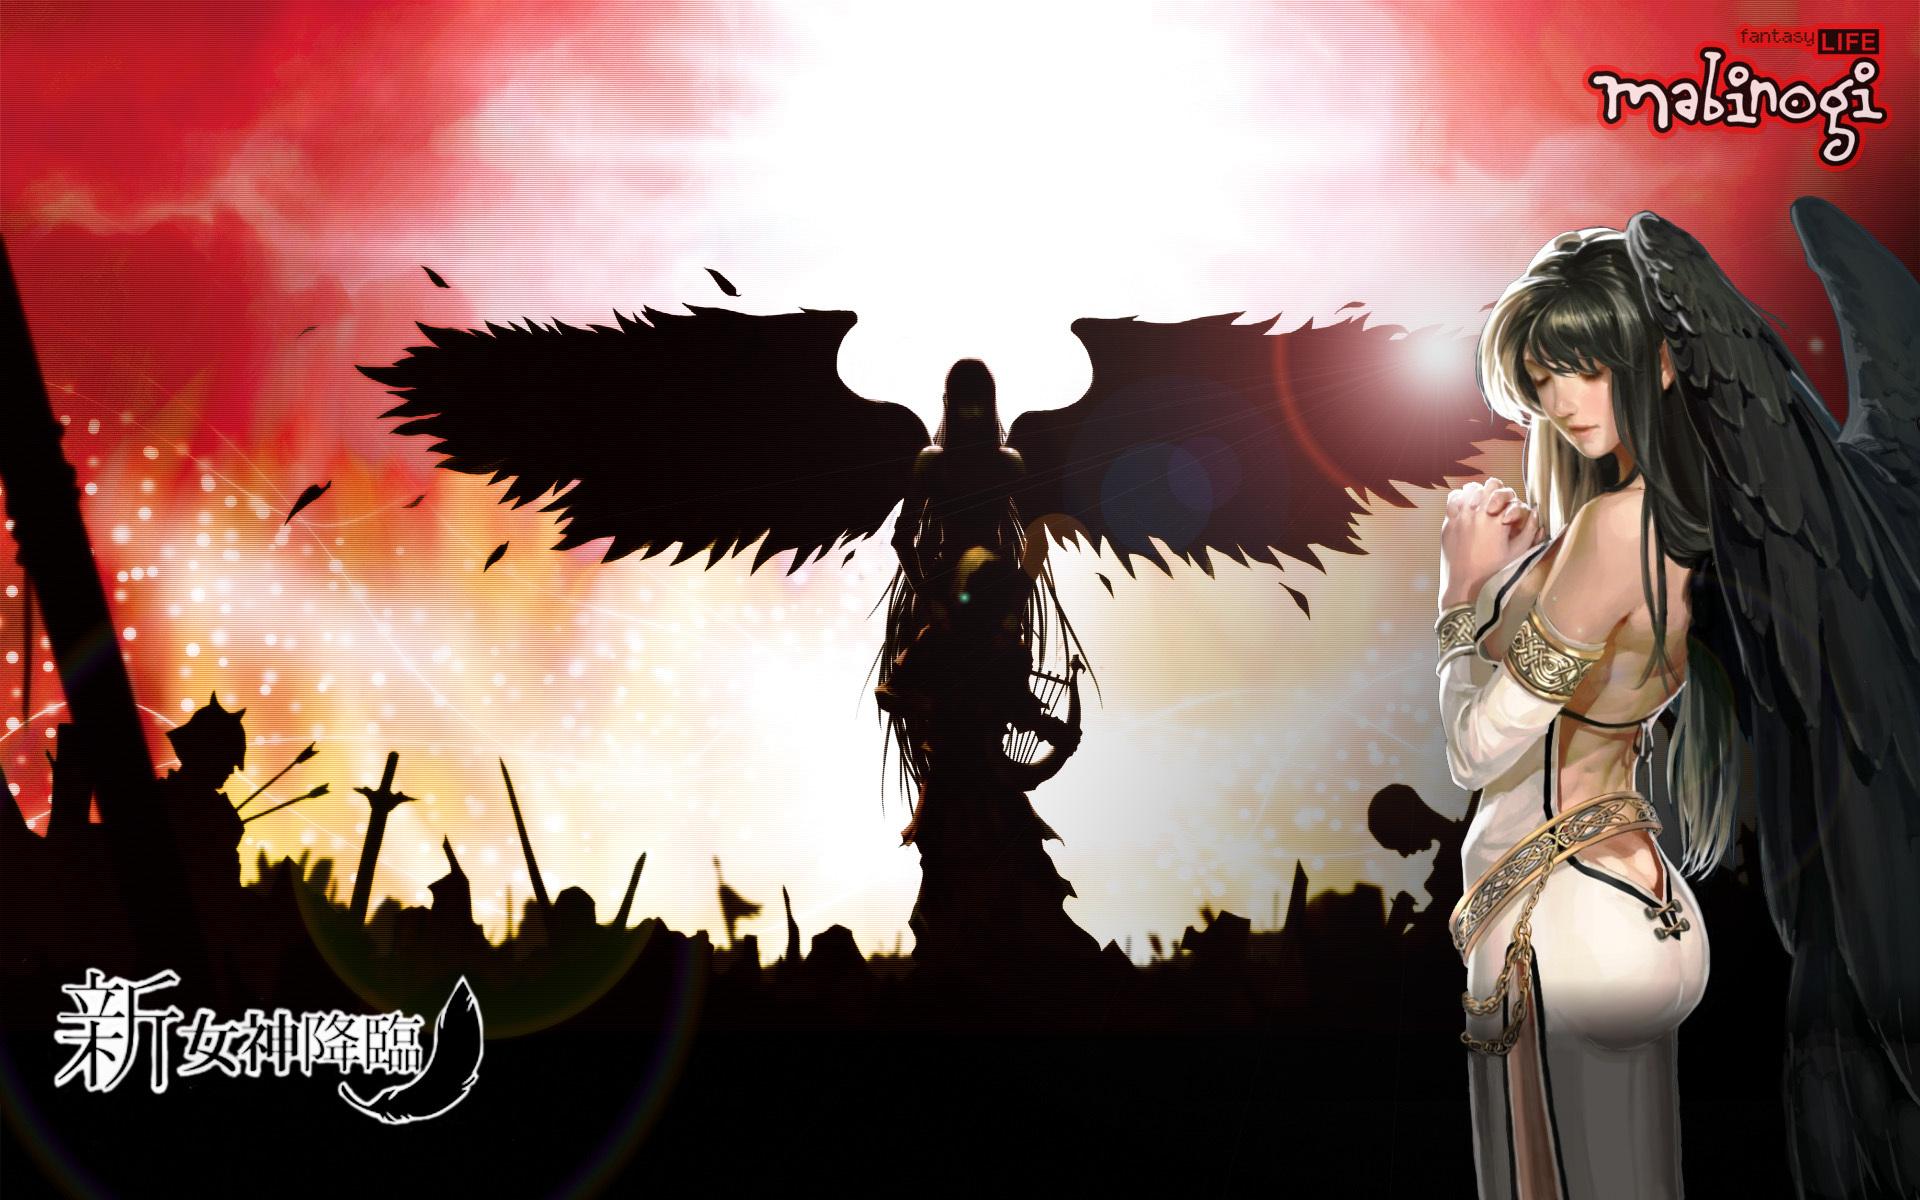 新女神降臨壁紙2